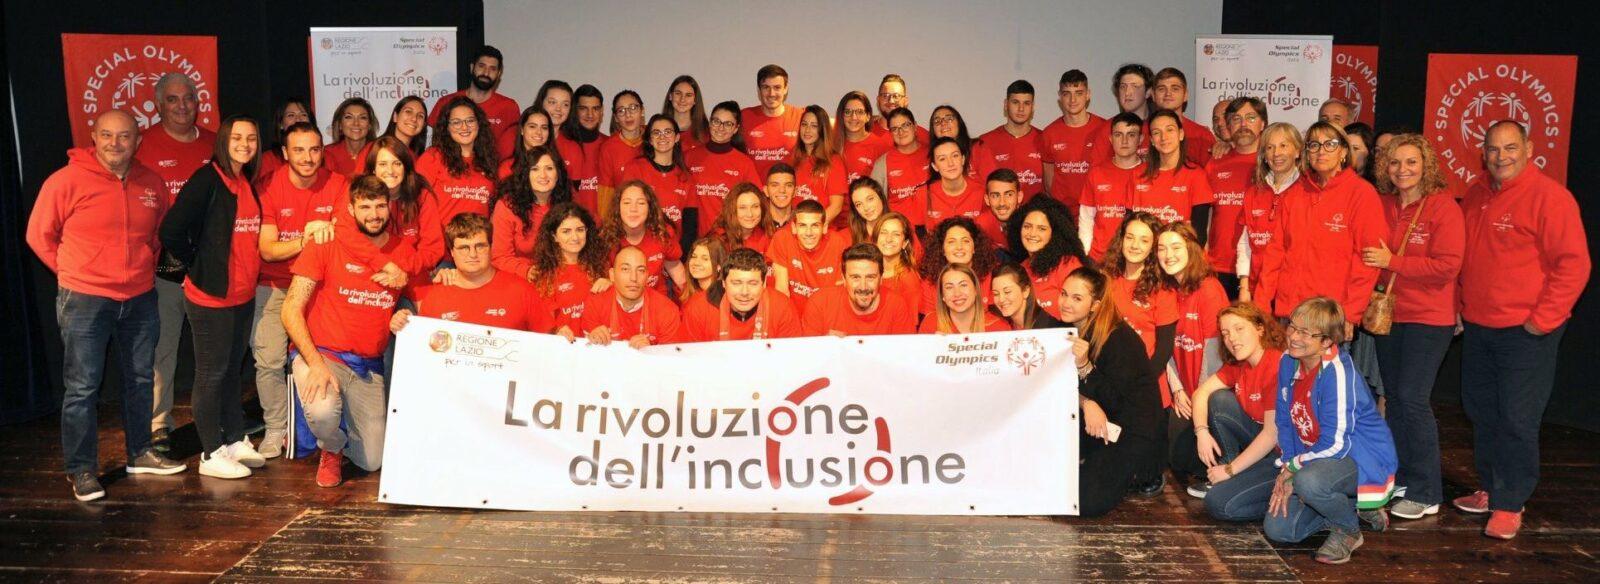 La rivoluzione dell'inclusione